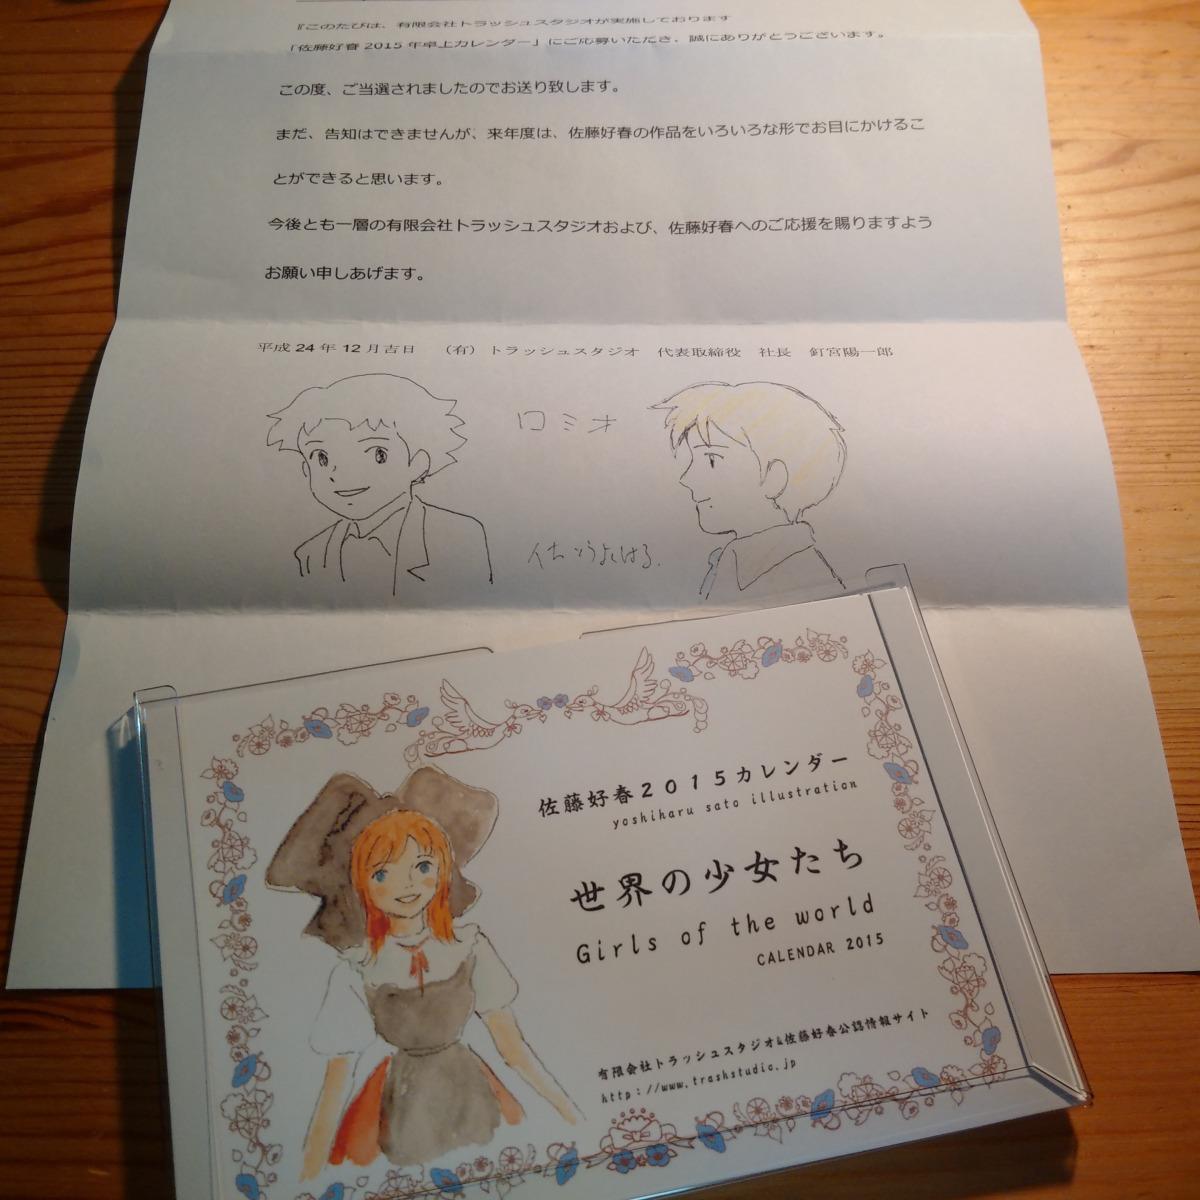 アニメーター佐藤好春さんの卓上カレンダーを頂きました(2014to2017)